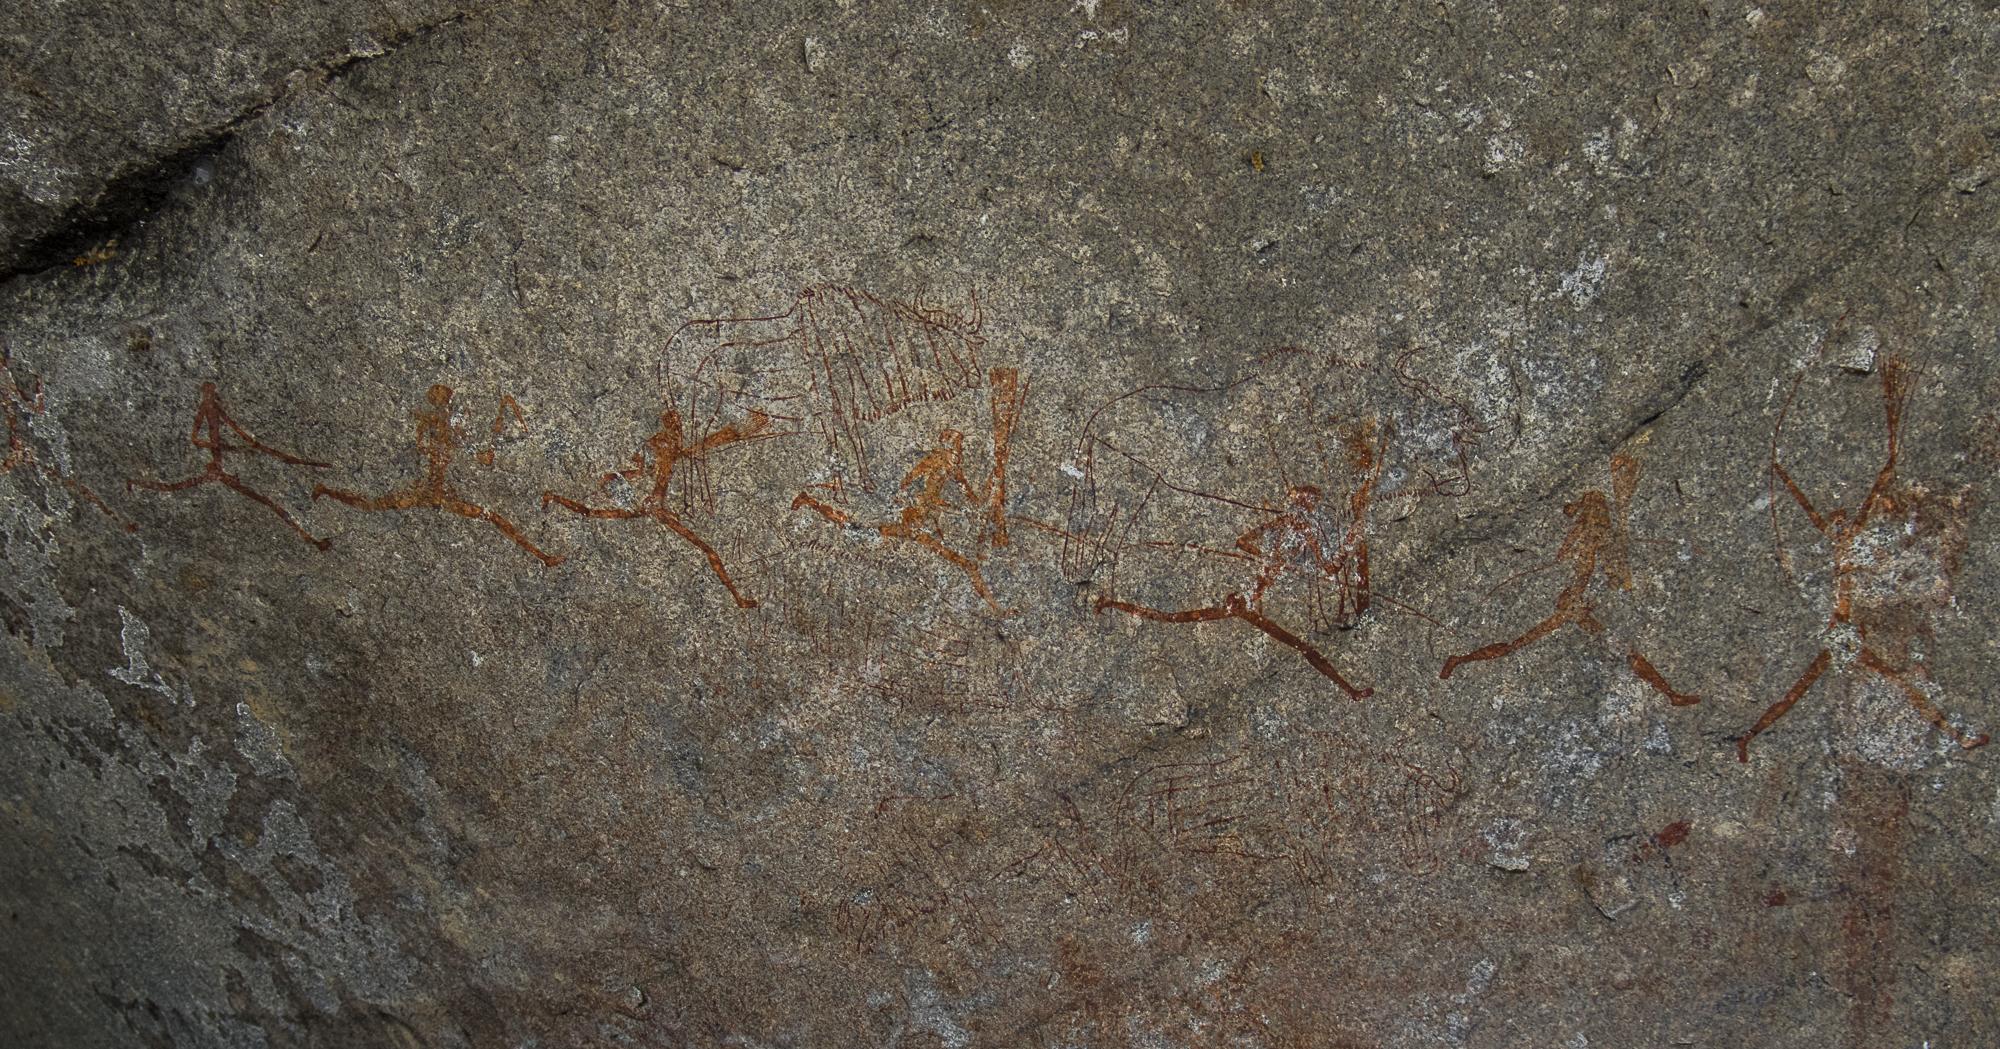 Rotstekeningen in  Matobo National Park